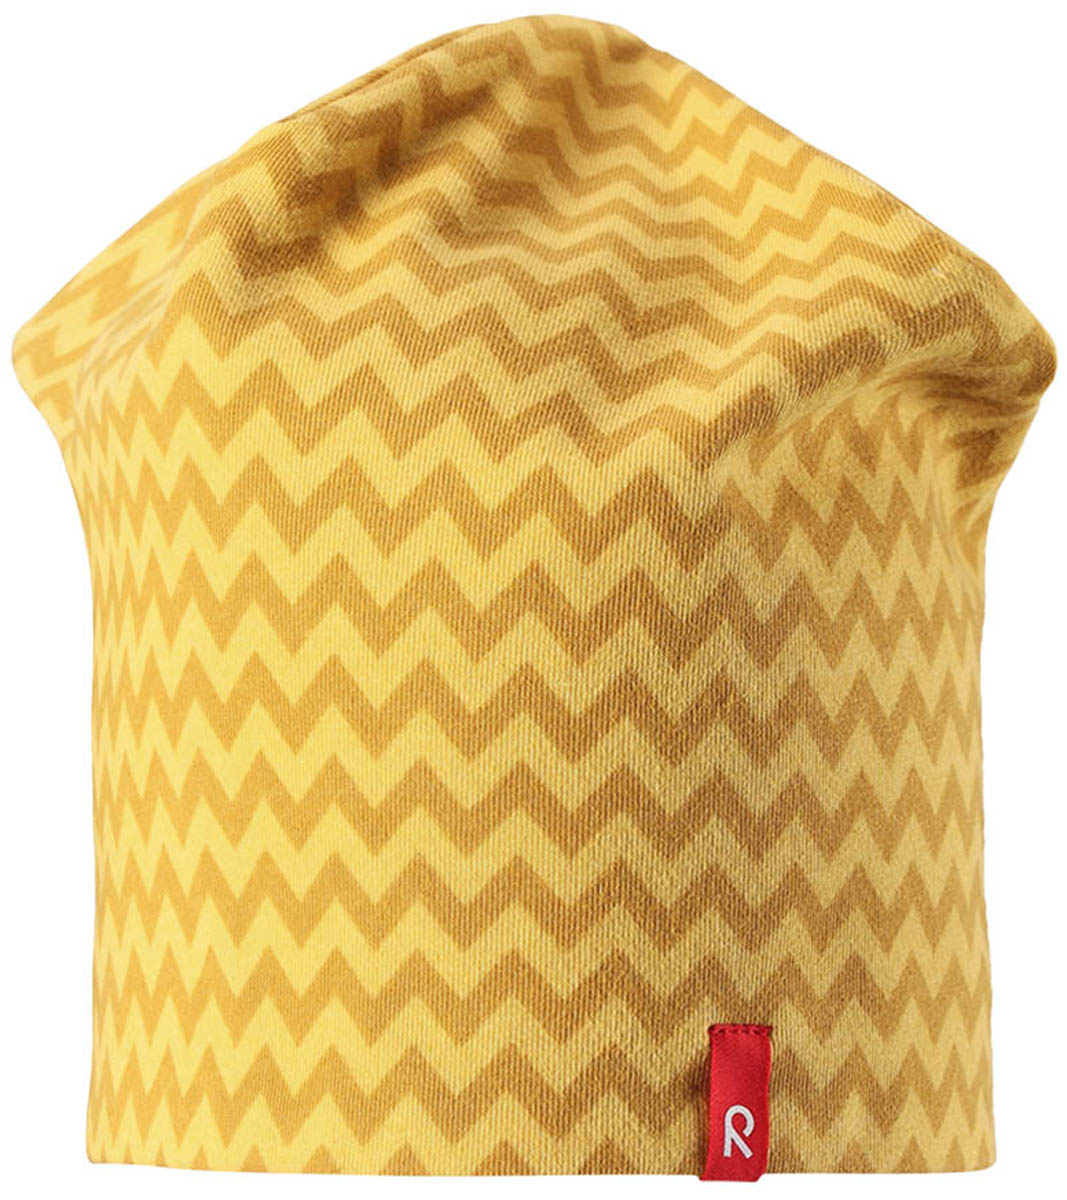 Шапка-бини детская Reima Hirvi, цвет: желтый. 5285392392. Размер 505285392392